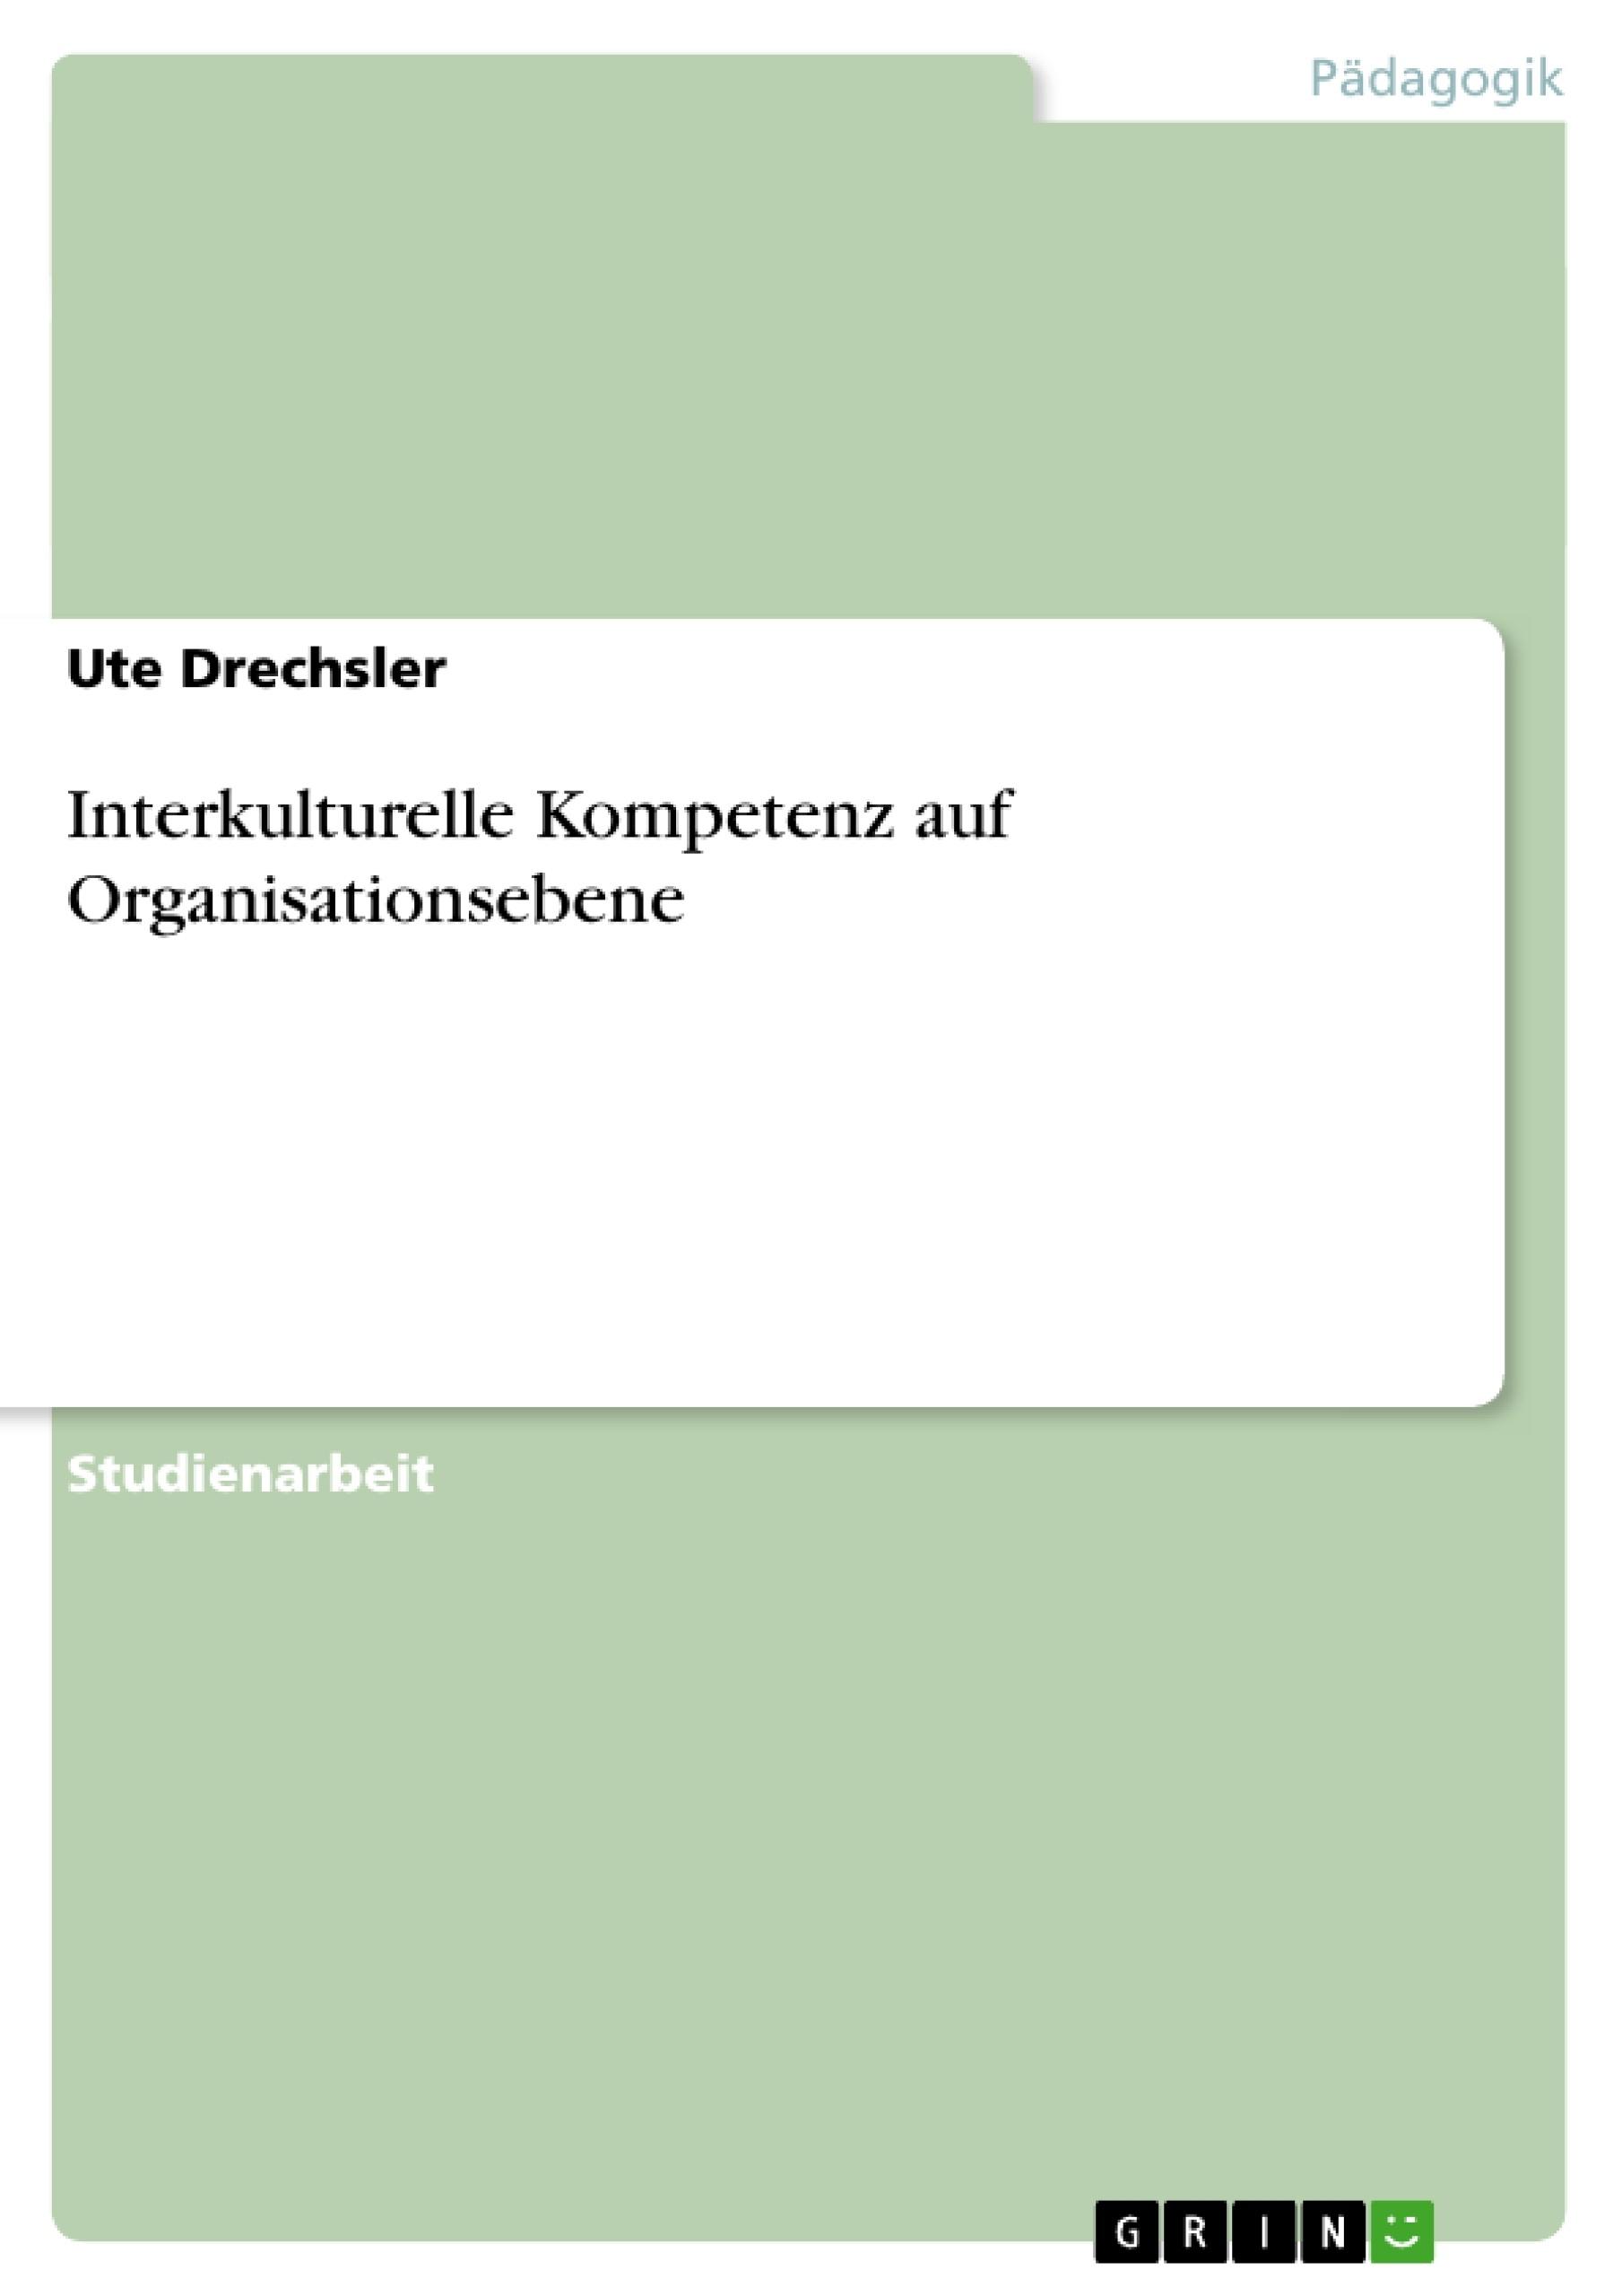 Titel: Interkulturelle Kompetenz auf Organisationsebene